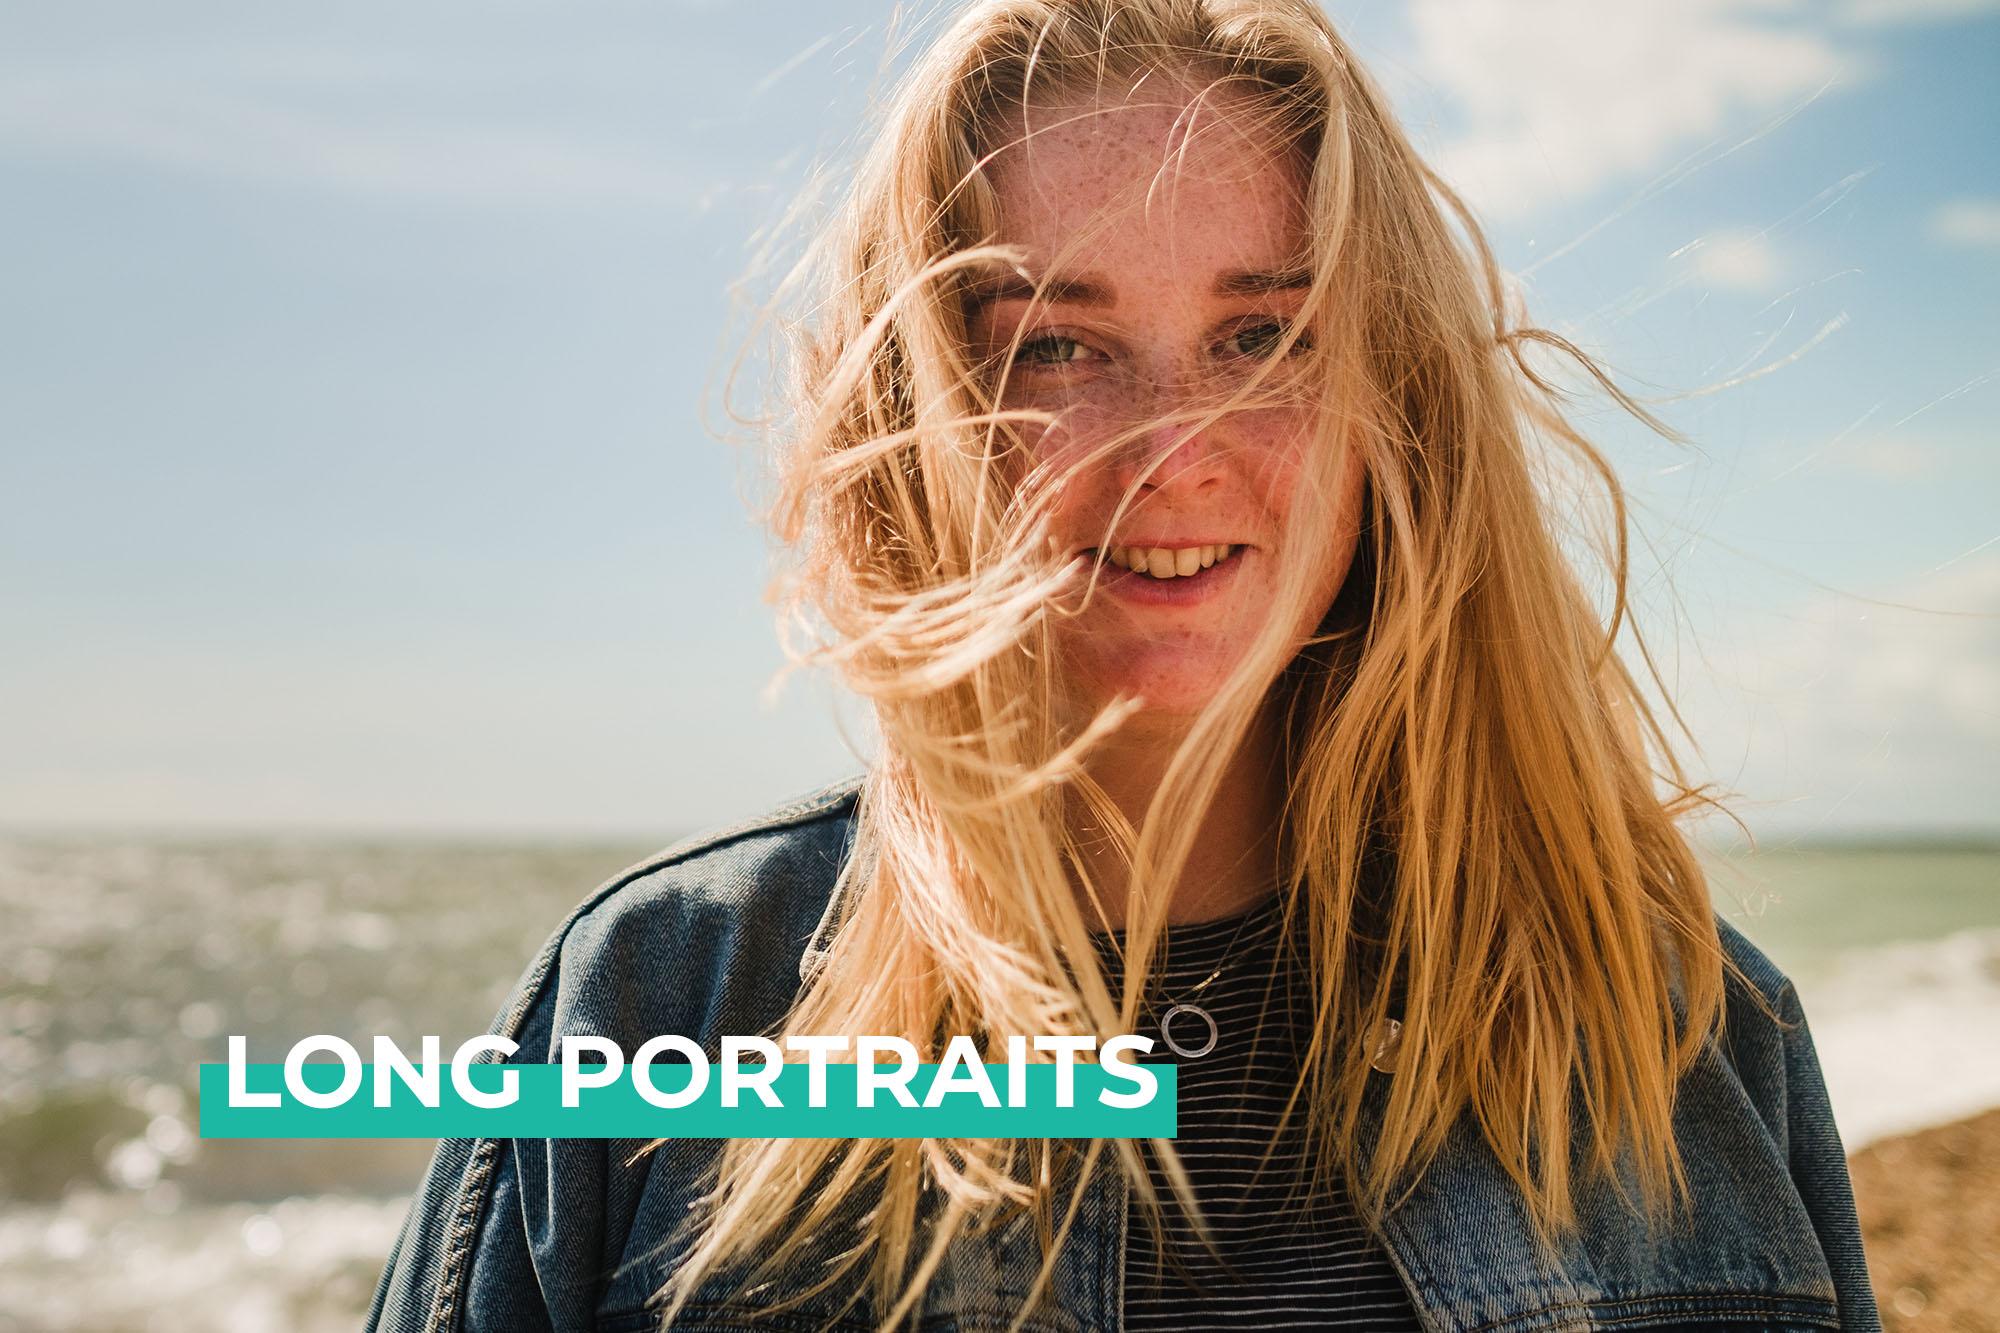 long portrait video project